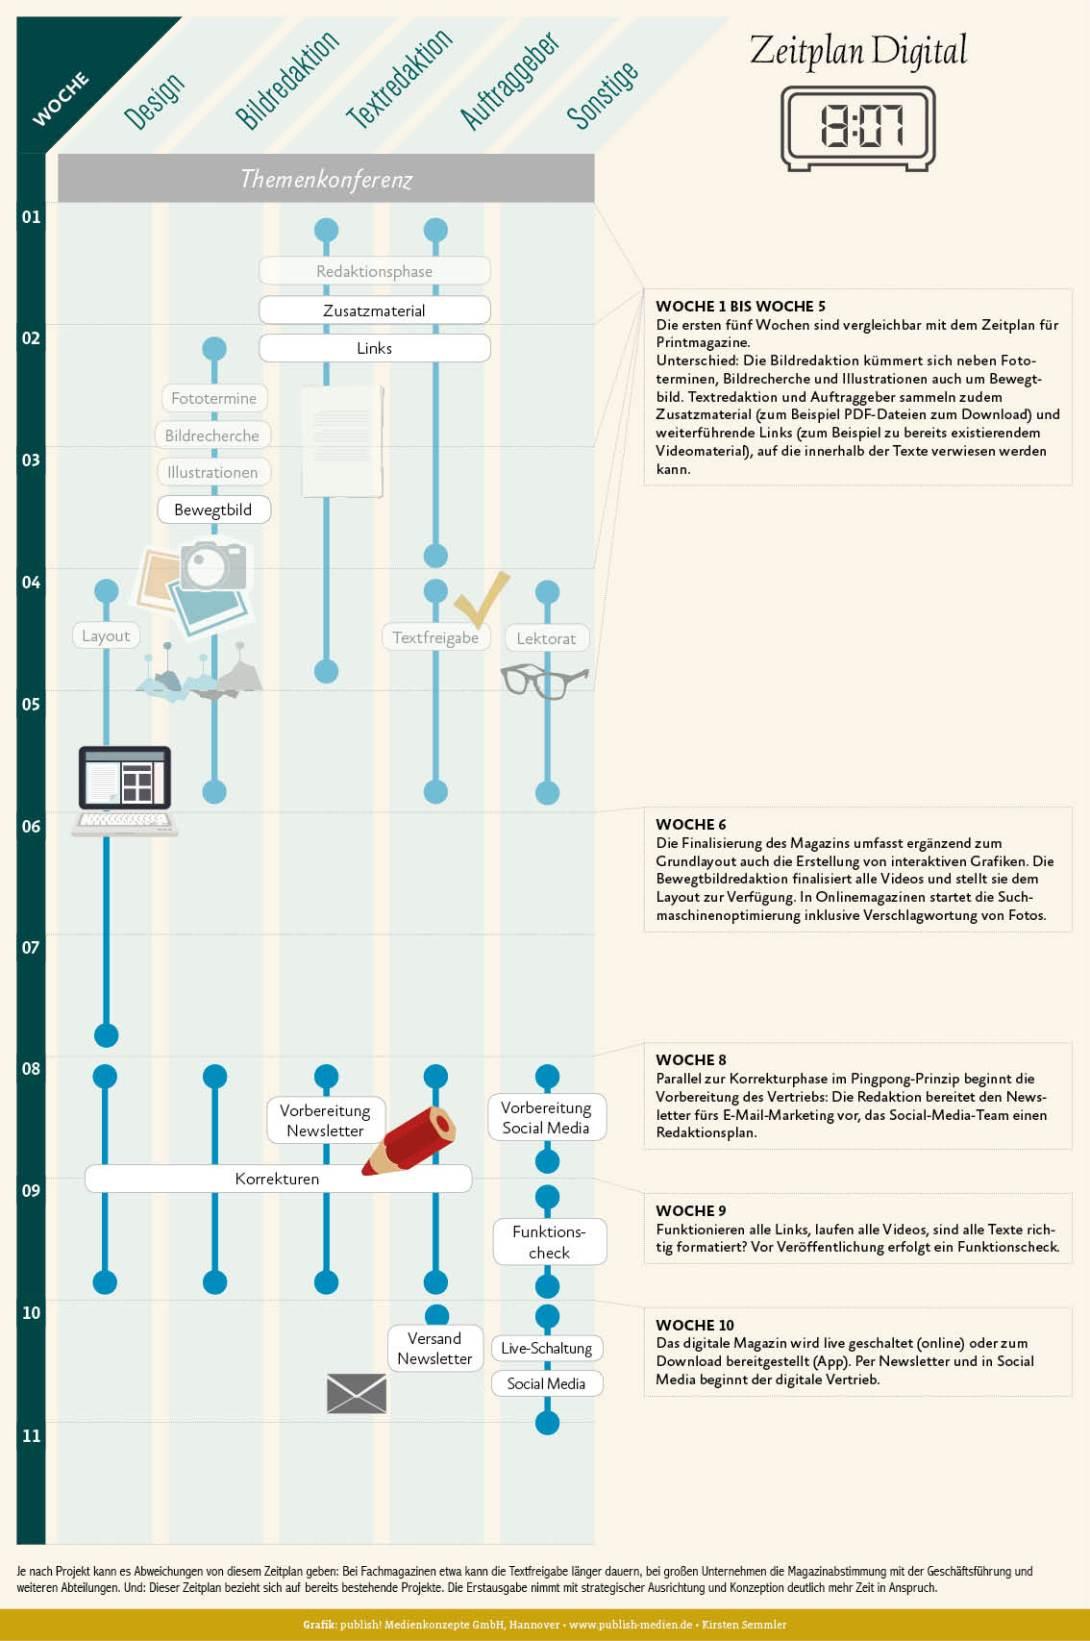 Zeitplan für Online- oder Digital-Magazine: Videos und weiterführende Links sind die größten Unterschiede zu Print-Magazinen – zudem der Newsletter-Vertrieb und Social Media.